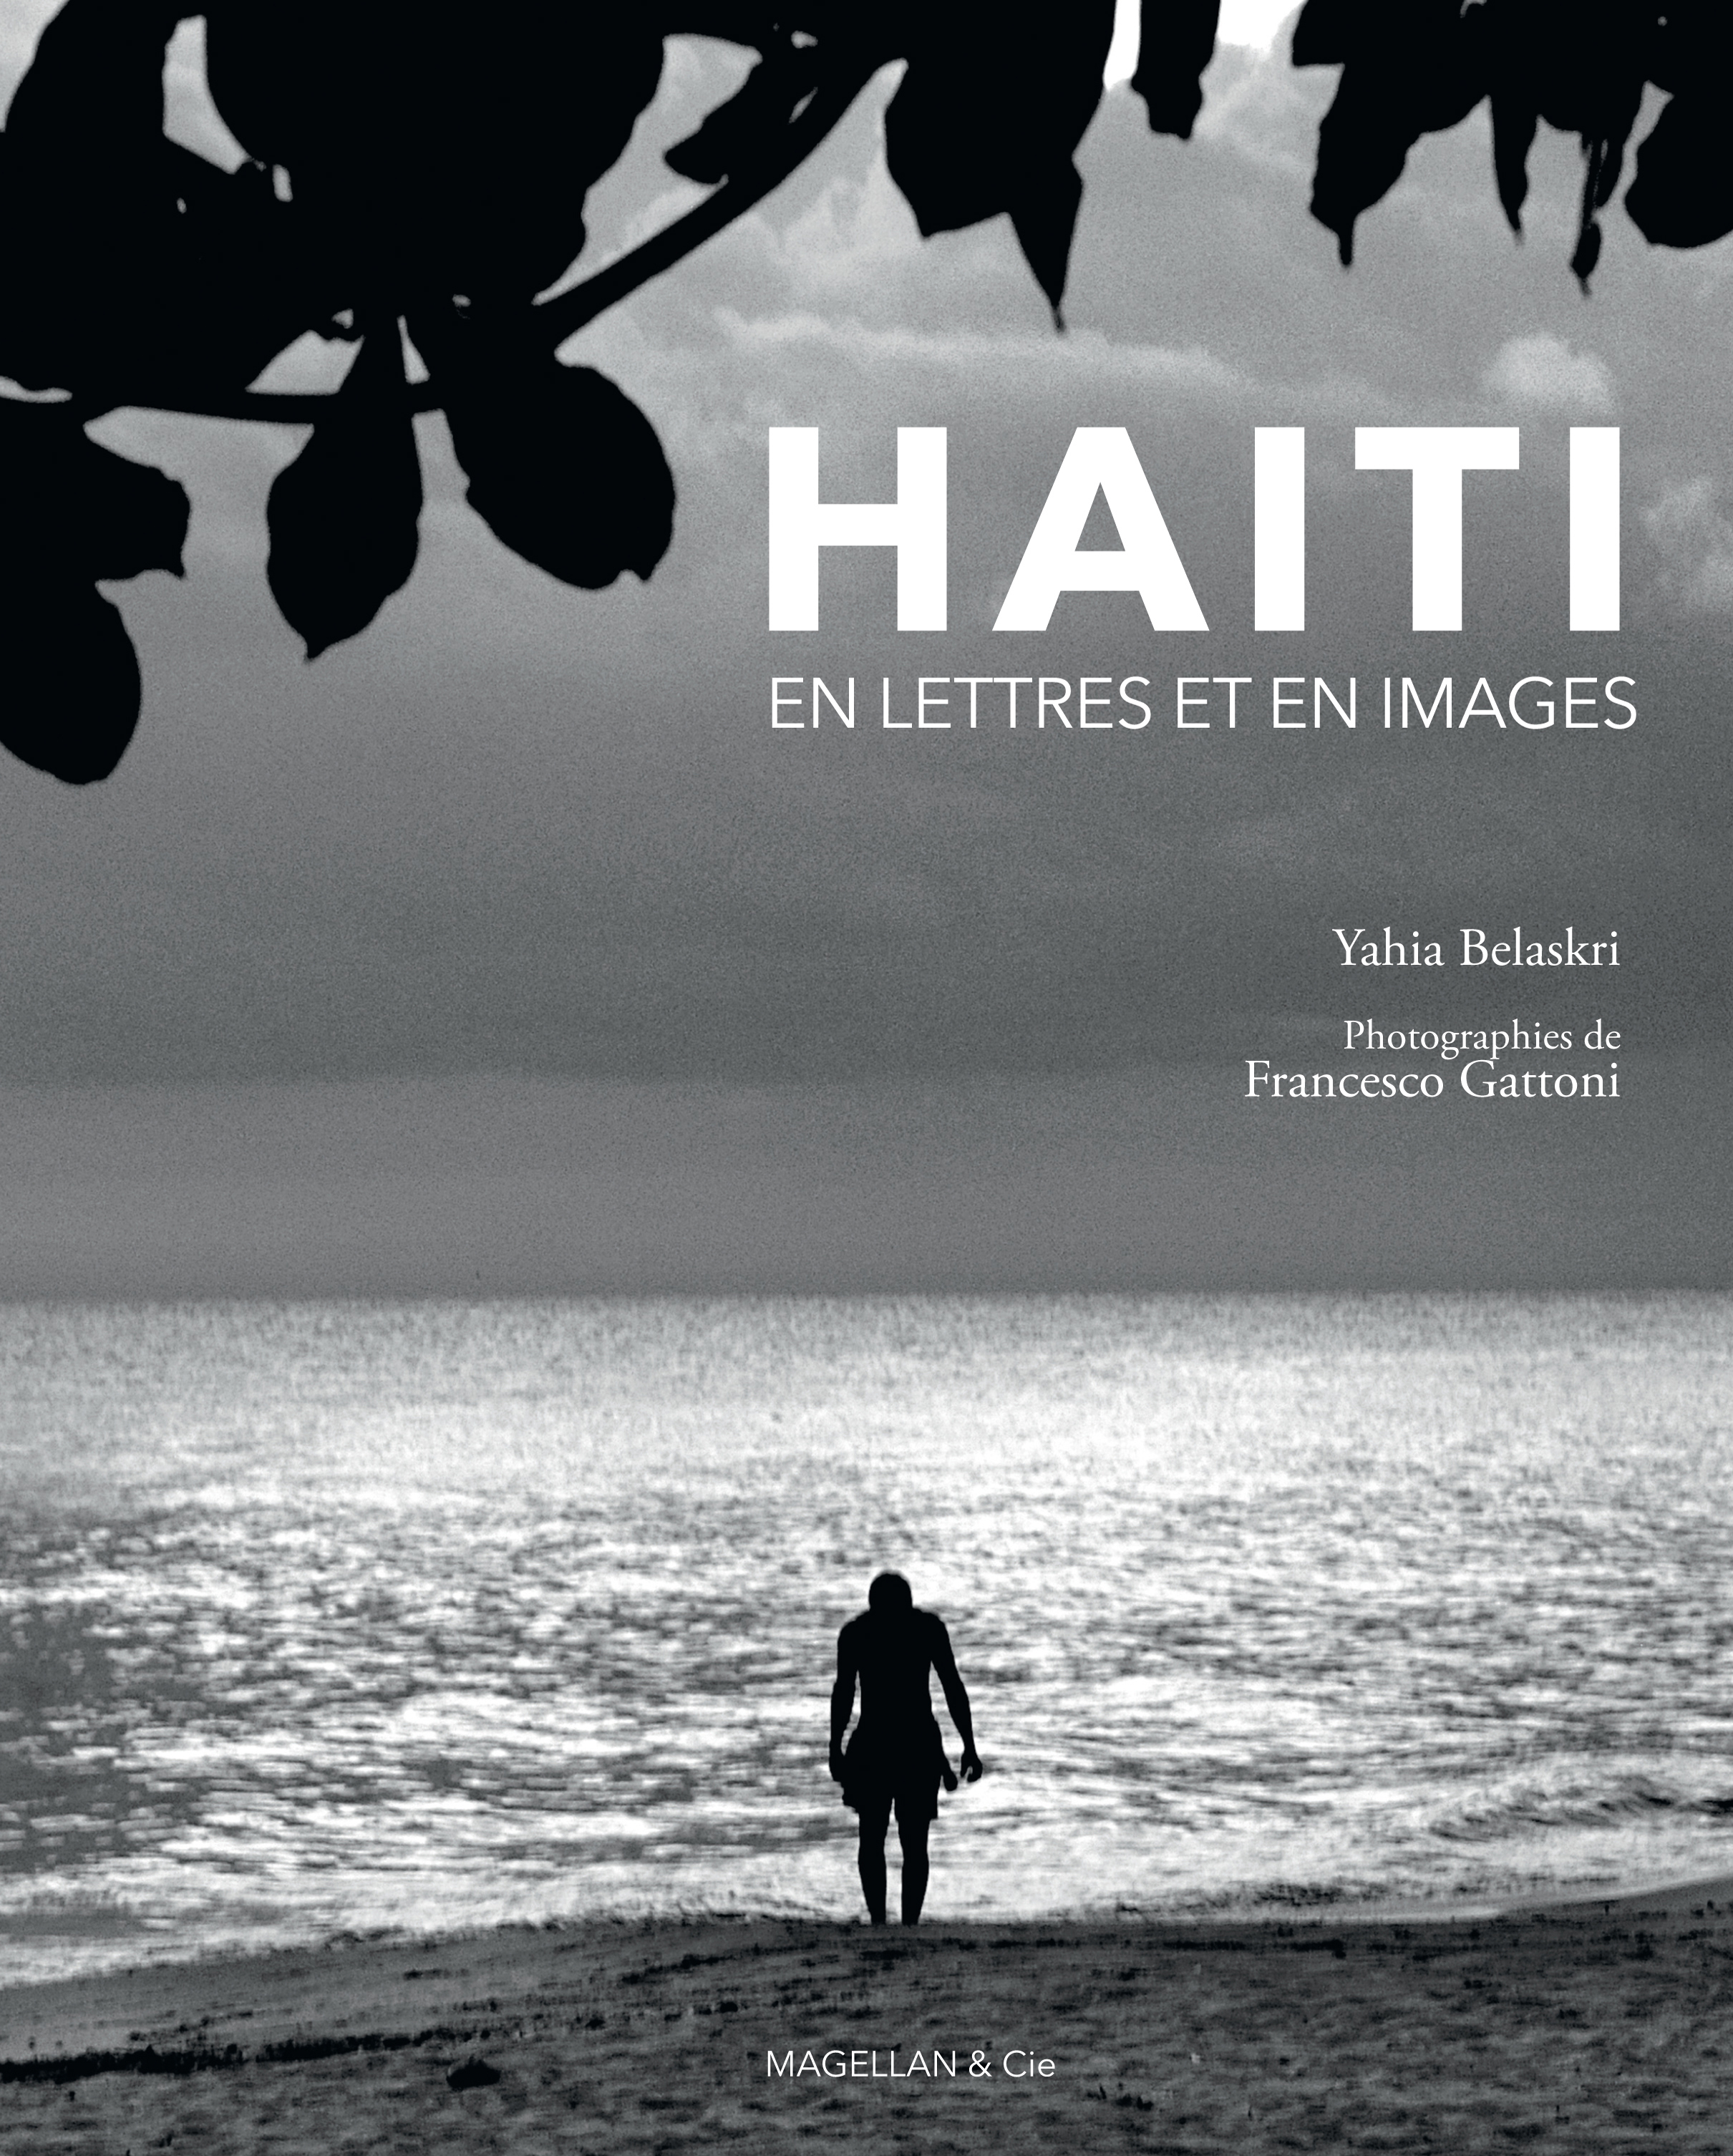 HAITI EN LETTRES ET EN IMAGES